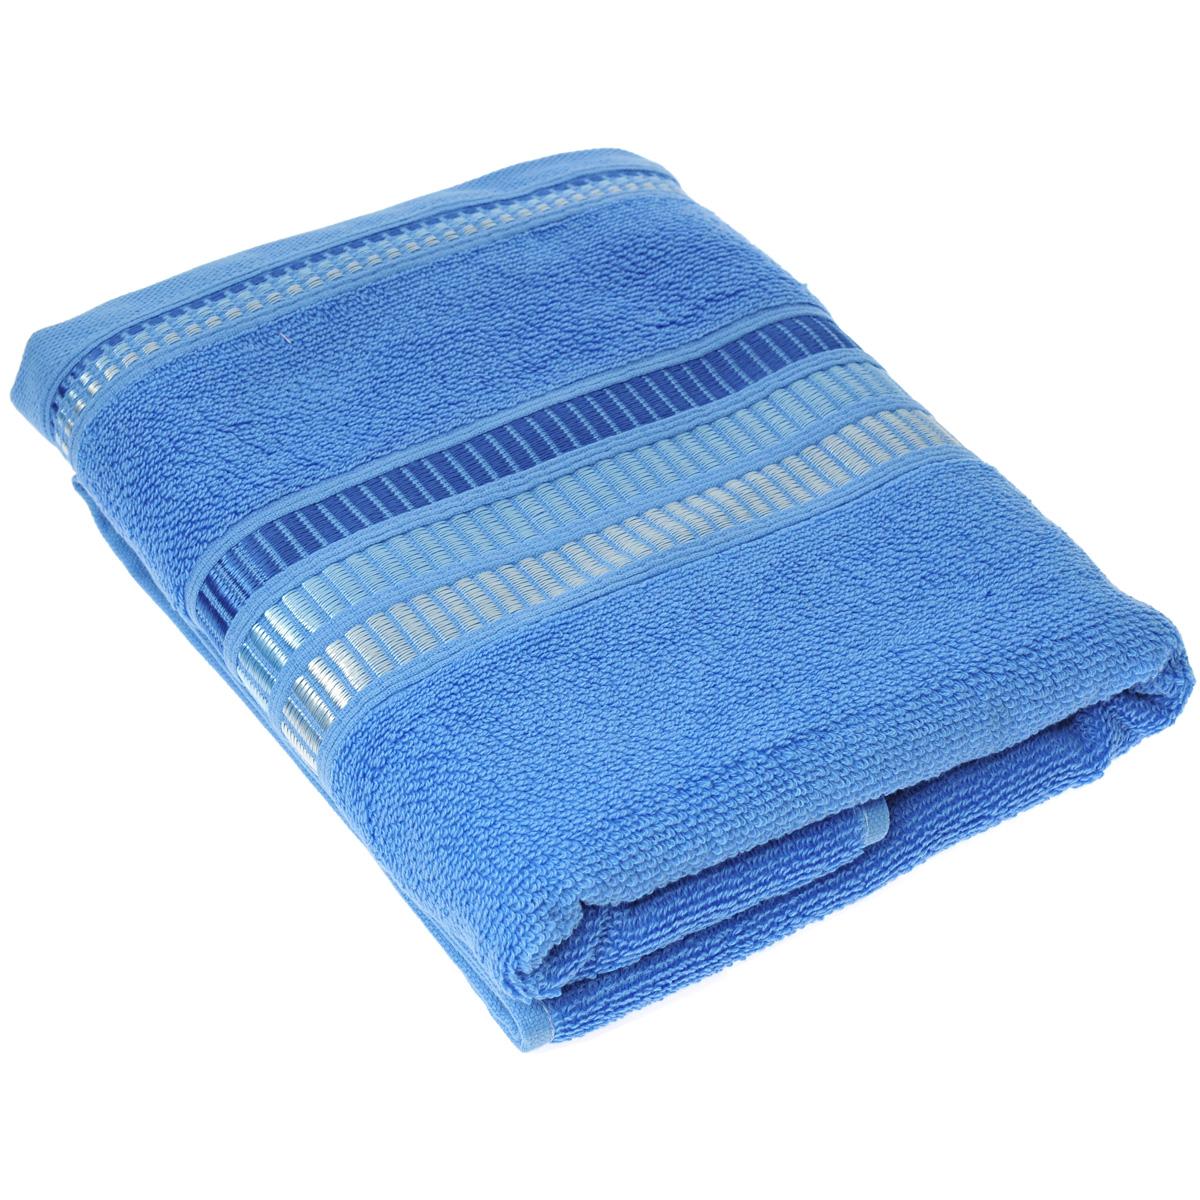 Полотенце махровое Coronet Пиано, цвет: голубой, 50 х 90 смБ-МП-2020-01-07Махровое полотенце Coronet Пиано, изготовленное из натурального хлопка, подарит массу положительных эмоций и приятных ощущений. Полотенце отличается нежностью и мягкостью материала, утонченным дизайном и превосходным качеством. Оно прекрасно впитывает влагу, быстро сохнет и не теряет своих свойств после многократных стирок. Махровое полотенце Coronet Пиано станет достойным выбором для вас и приятным подарком для ваших близких. Мягкость и высокое качество материала, из которого изготовлены полотенца не оставит вас равнодушными.